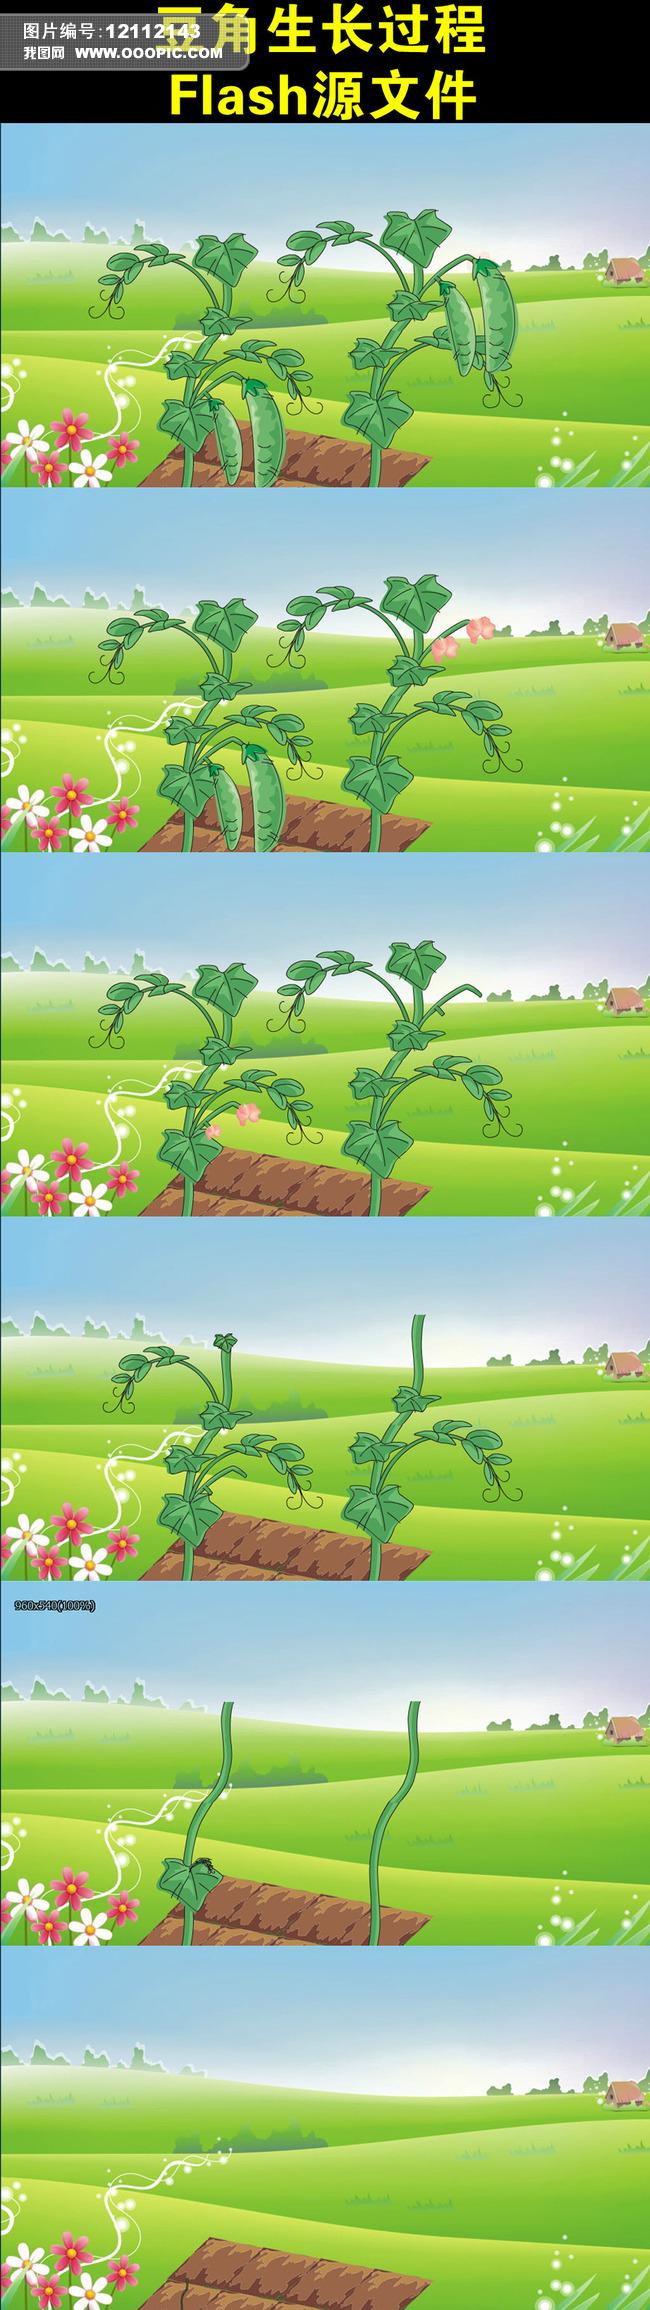 植物生长动画豆角生长过程动画演示